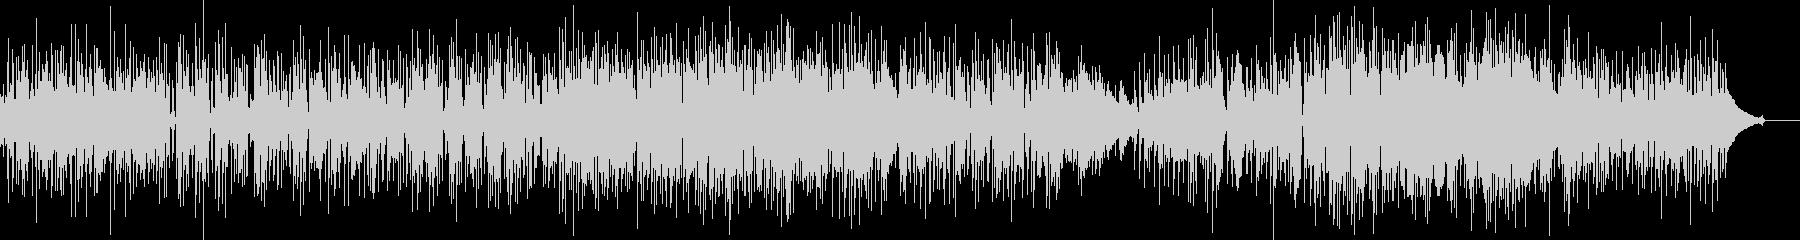 アコギ バンド切ない系の曲の未再生の波形